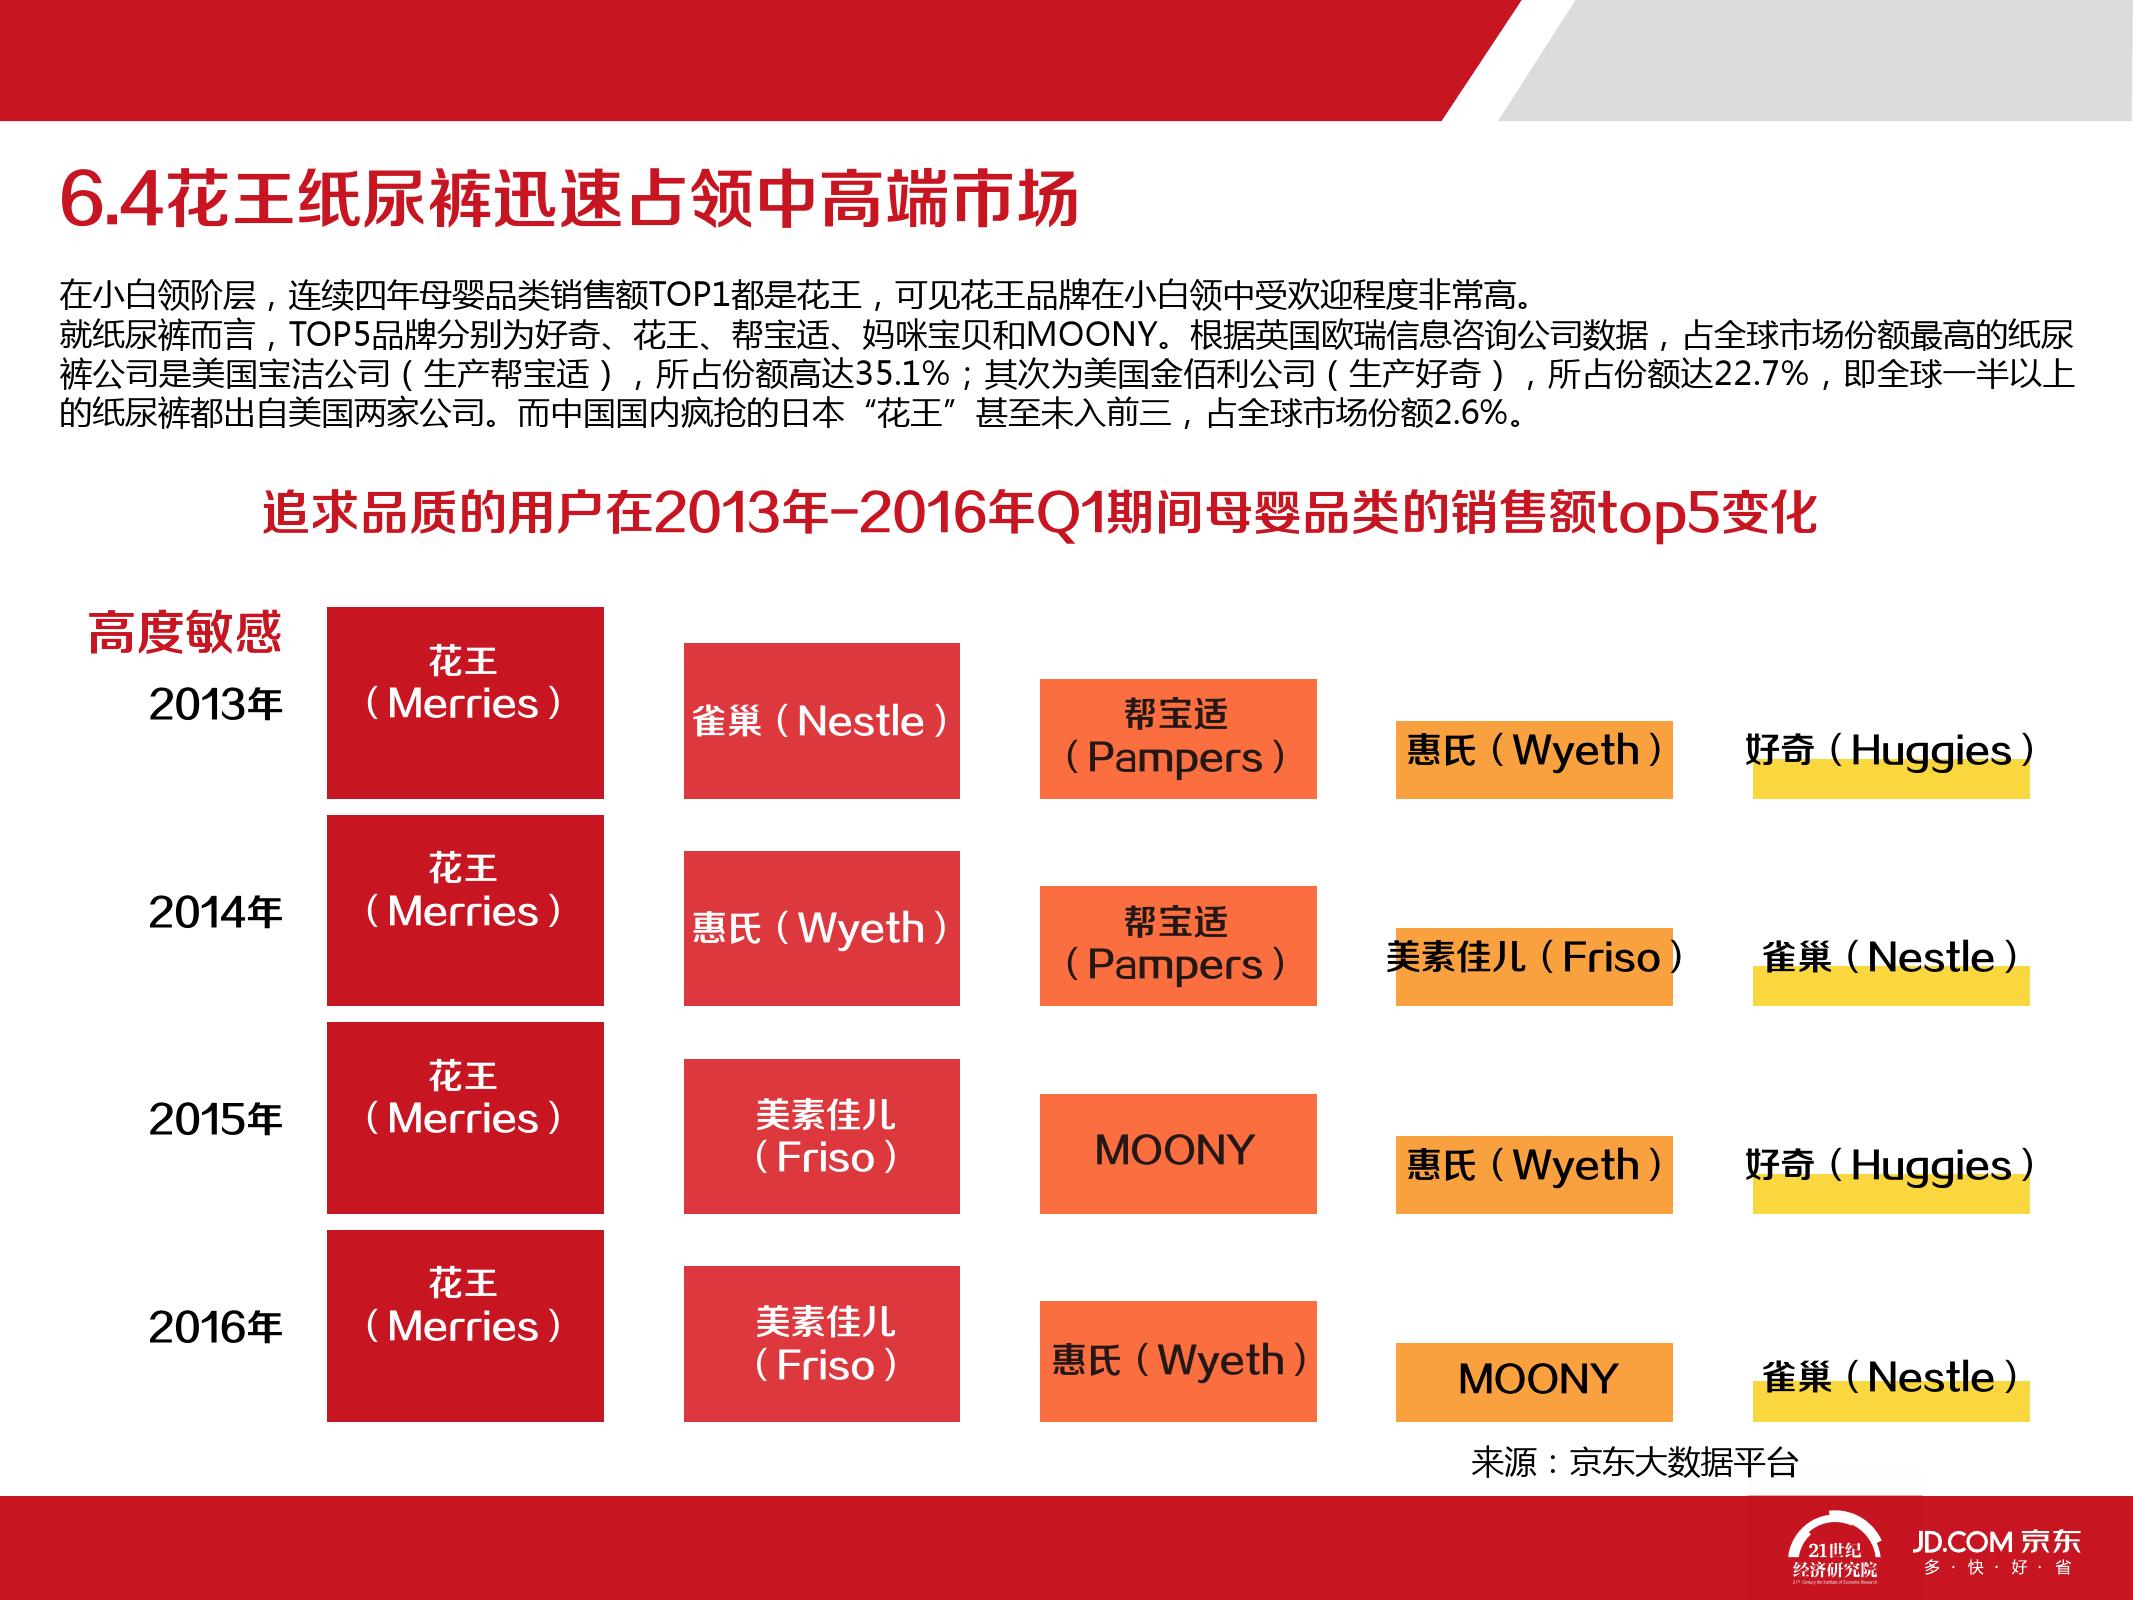 2016中国母婴产品消费趋势报告_000071